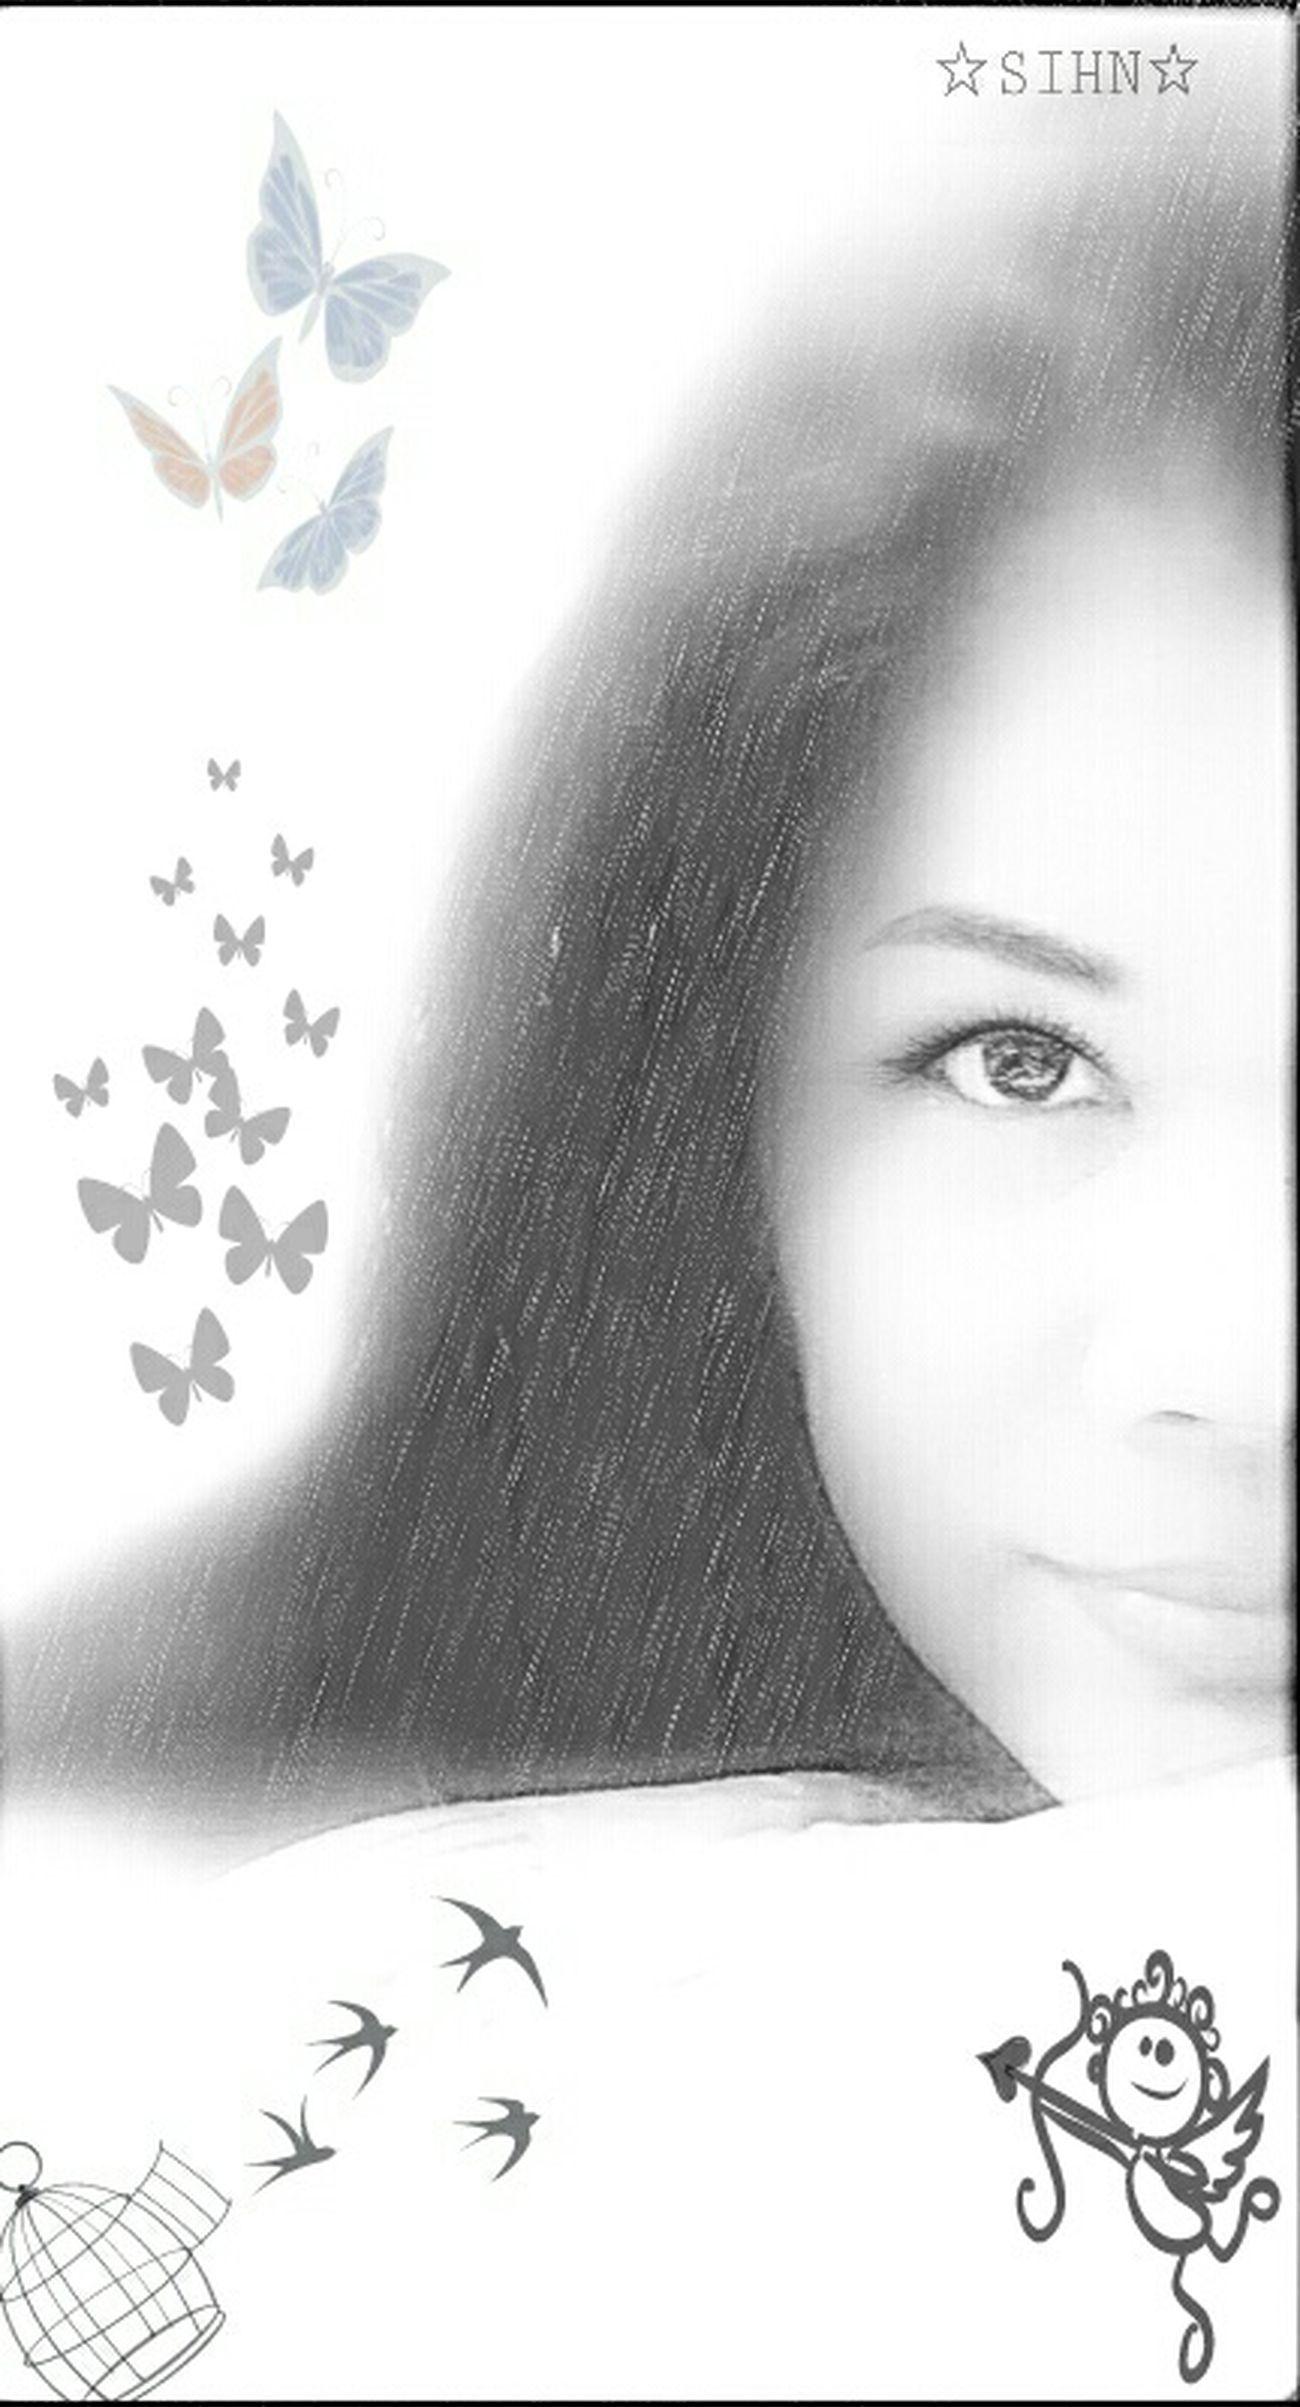 Freetoedit Art, Drawing, Creativity Selfie Portrait Clipart Drawstepbystep Artisticselfie Editstepbystep Multiple Exposures